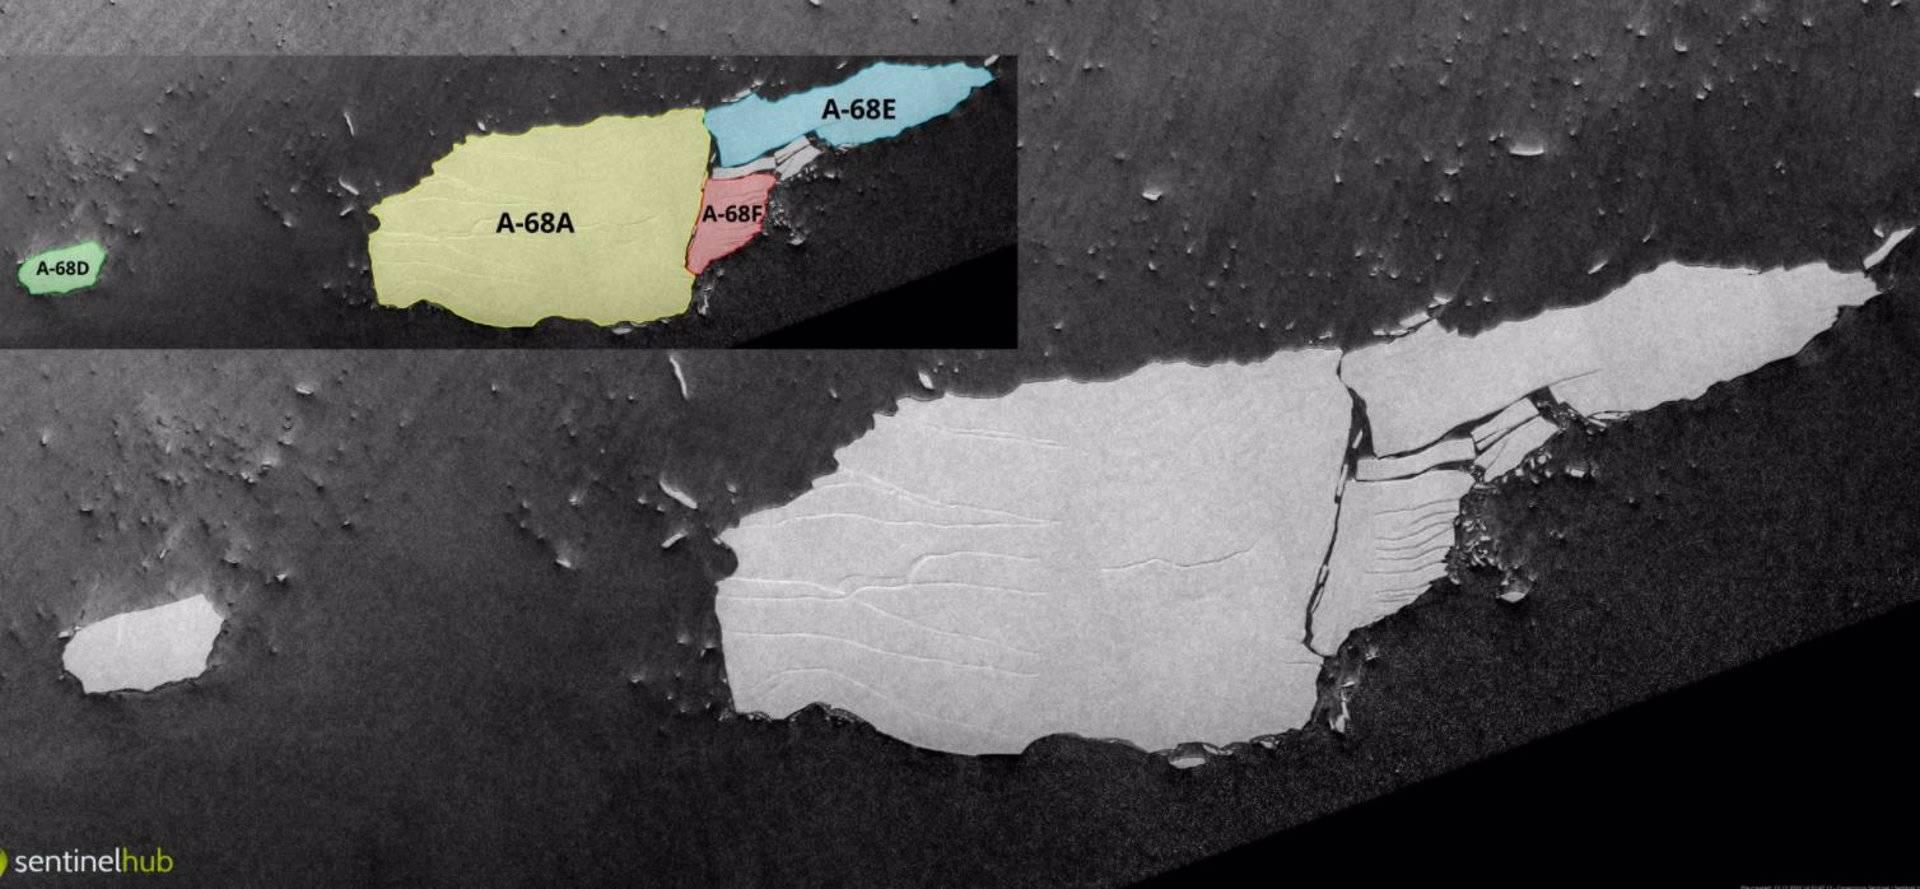 Calentamiento global: Iceberg colosal A-68A se rompe por fin en pedazos -  Medio Ambiente - Vida - ELTIEMPO.COM